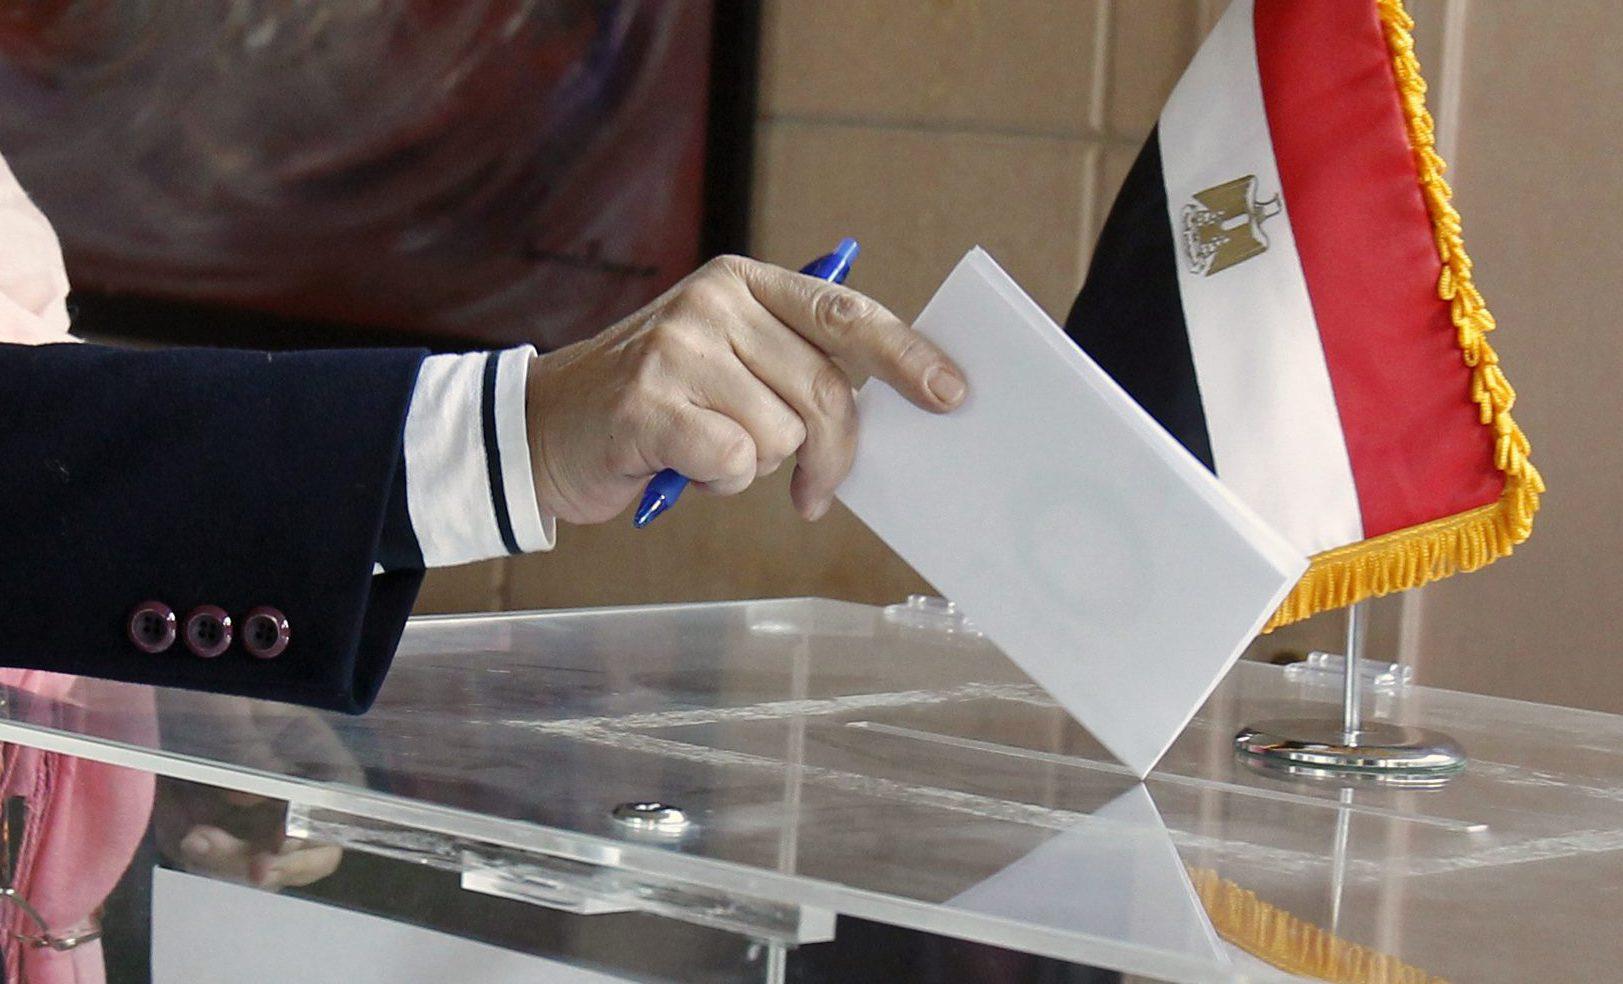 طريقة الاستعلام عن اللجنة الانتخابية بالرقم القومي الاستفتاء على التعديلات الدستورية 2019.. الموقع الرسمي